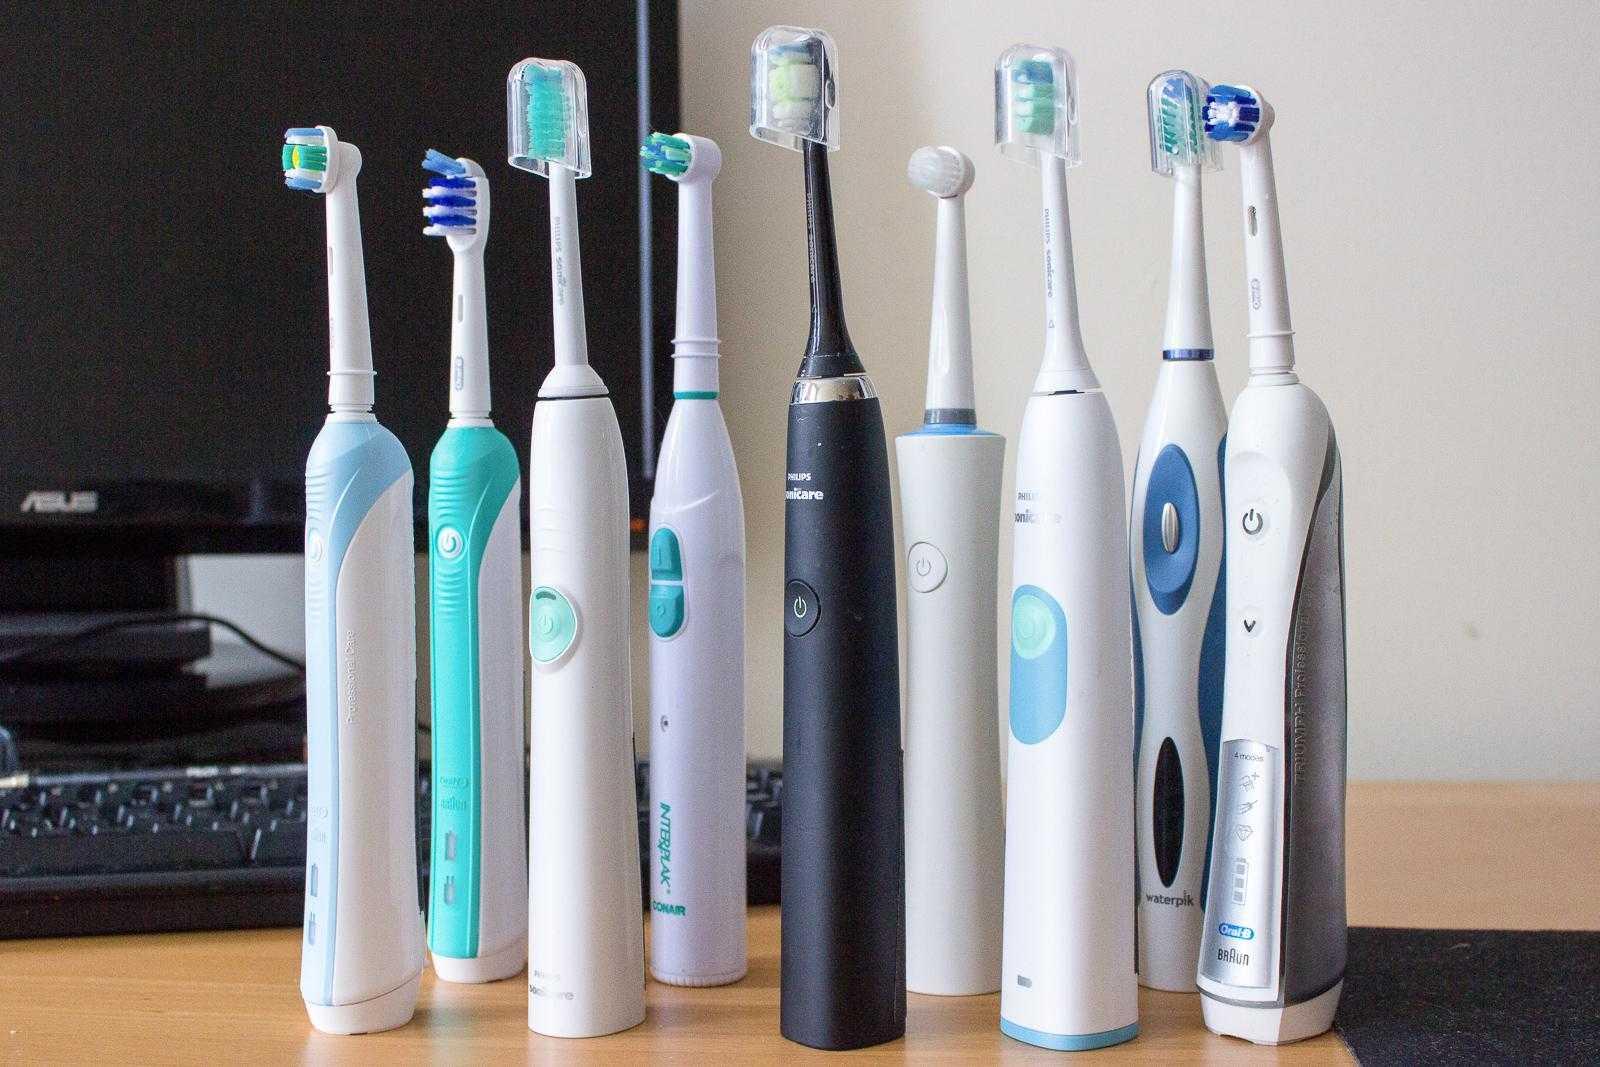 Ультразвуковая зубная щетка - что это такое, какая лучше - электрическая или звуковая, плюсы и минусы